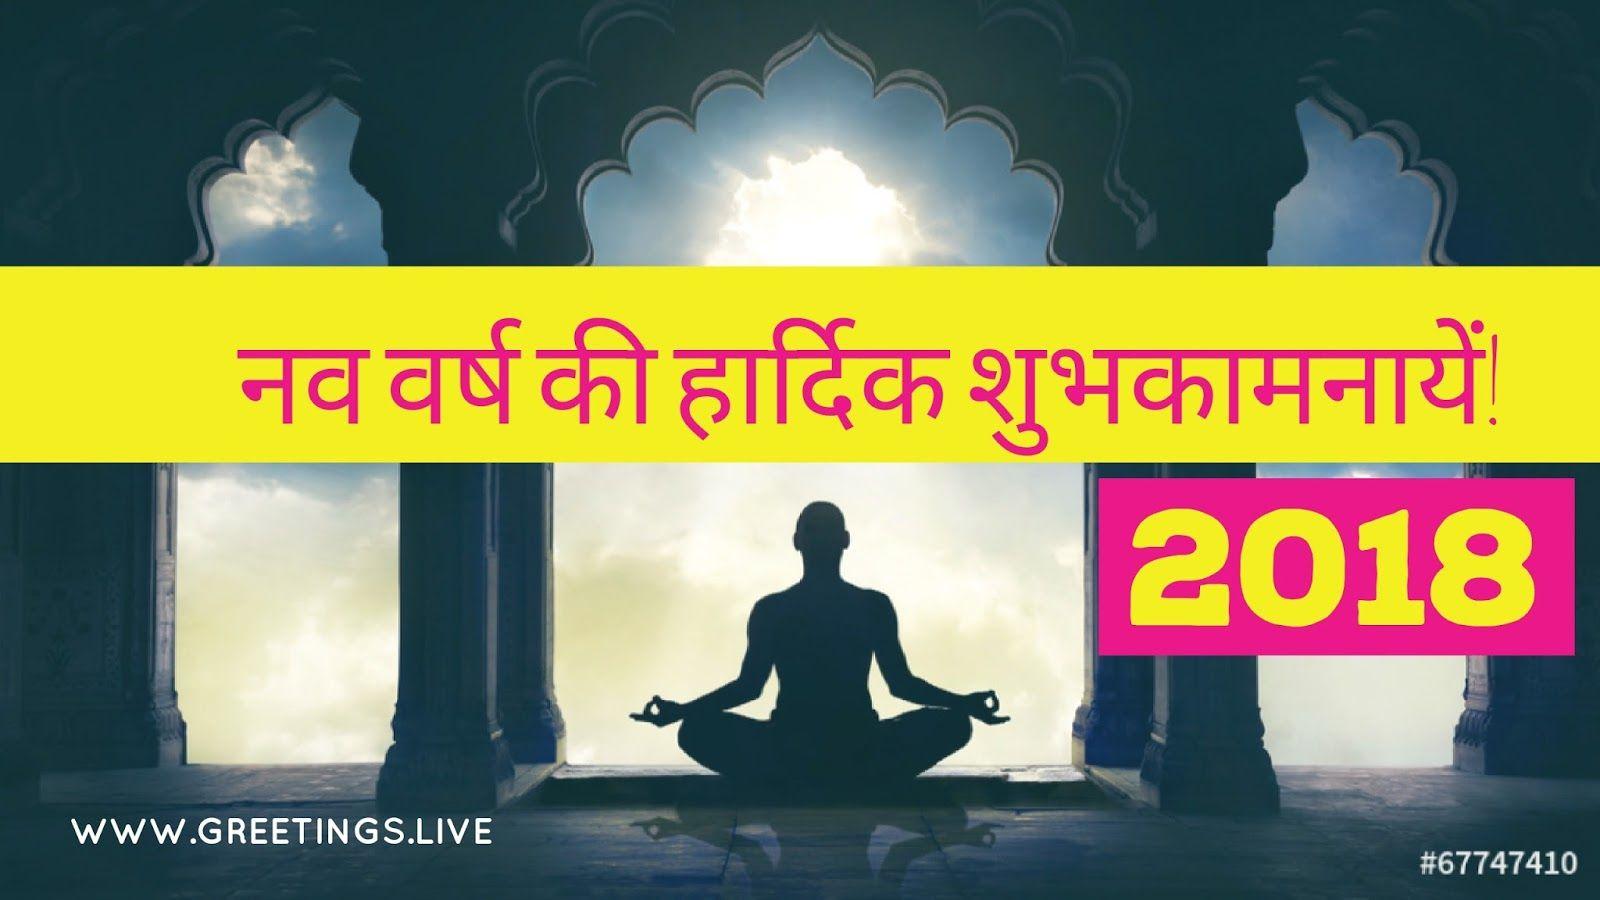 Bharat Desh India New Year Greetings 2018 In Hindi Greetings